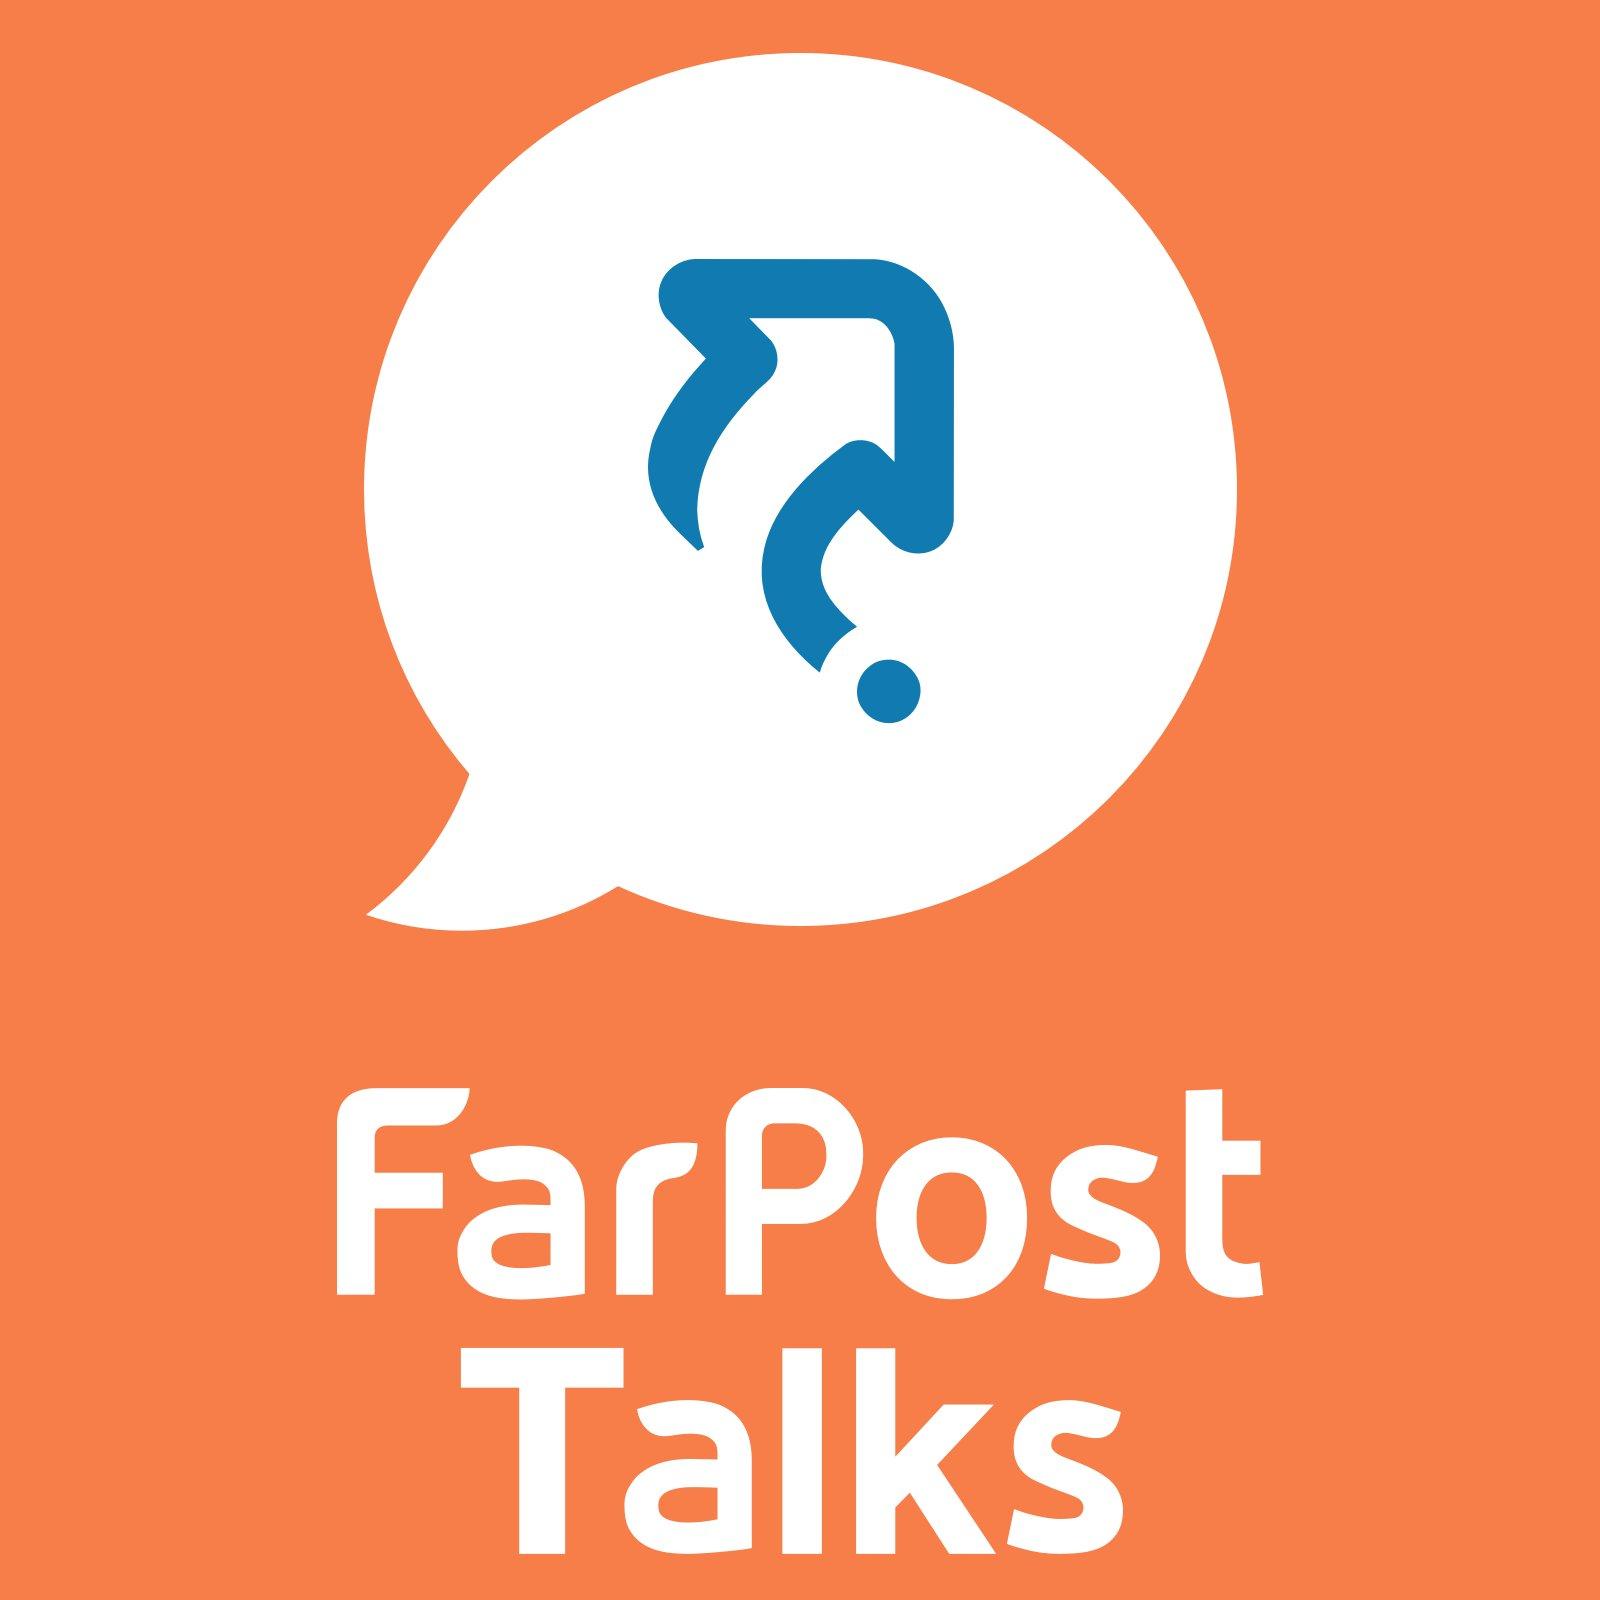 FarPost Talks (@FarpostT) | Twitter